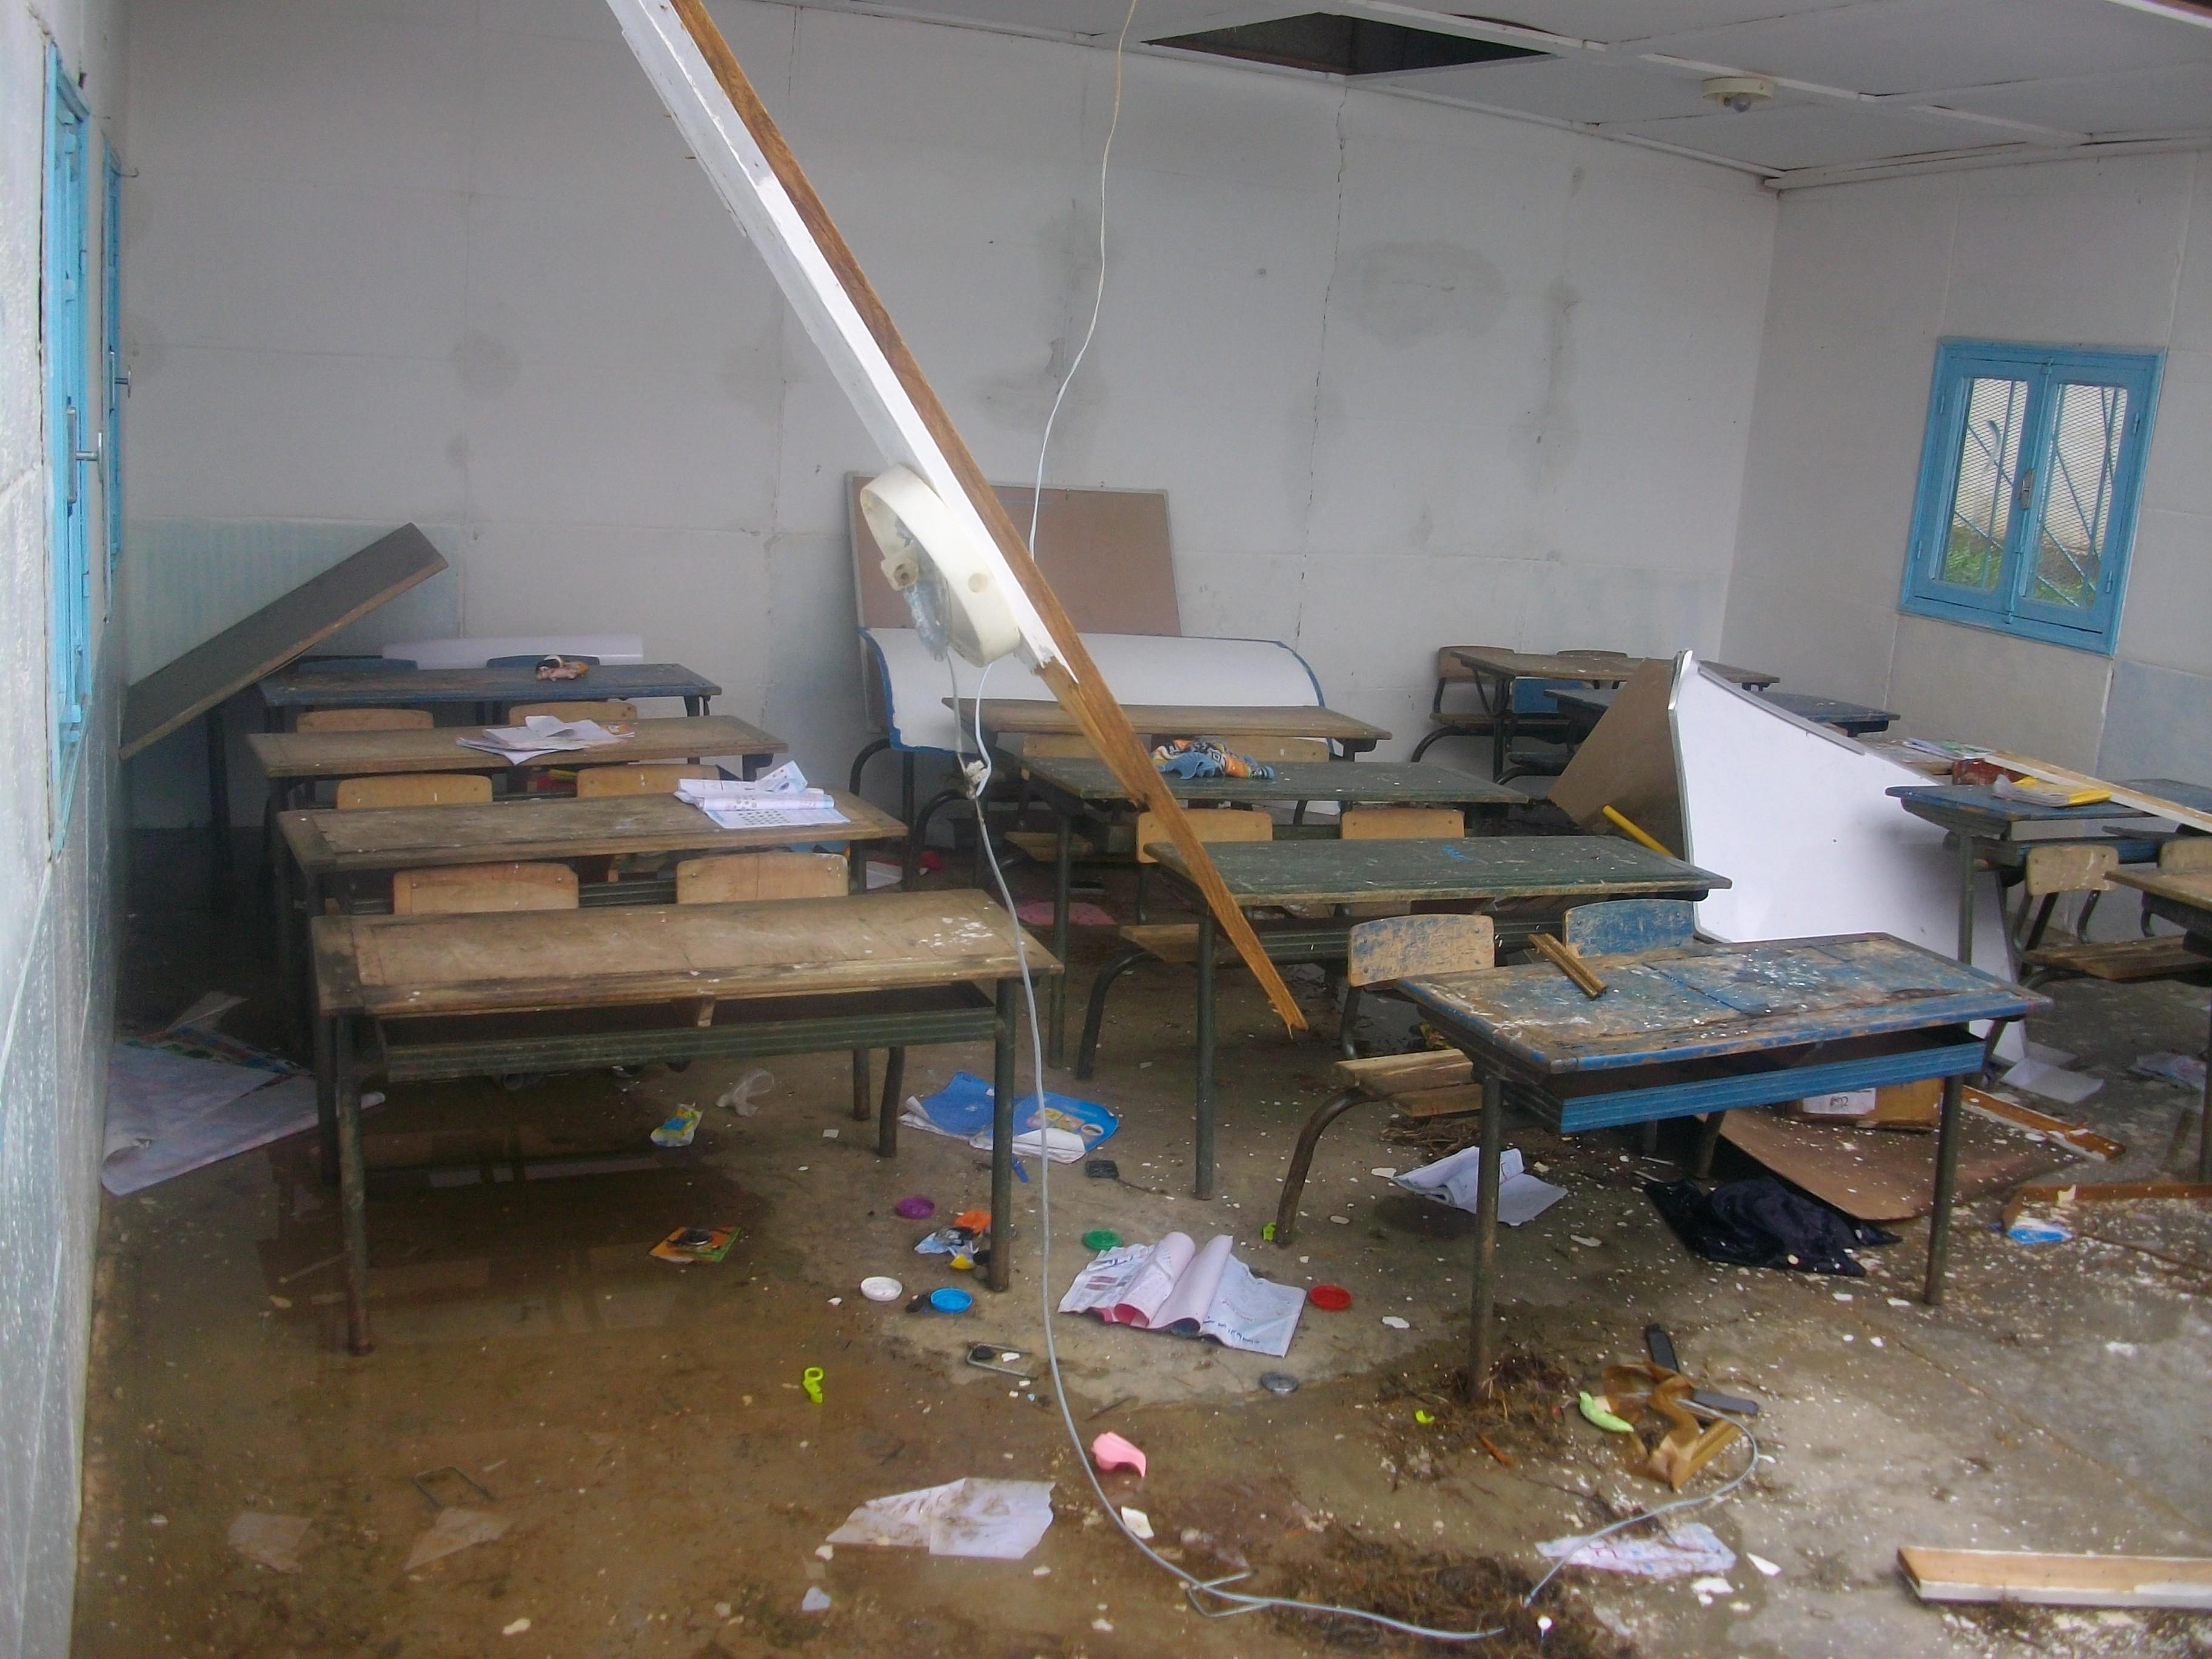 إصابة أربعة أشخاص بعد سقوط سقف حجرة في مدرسة ابتدائية ببرشيد